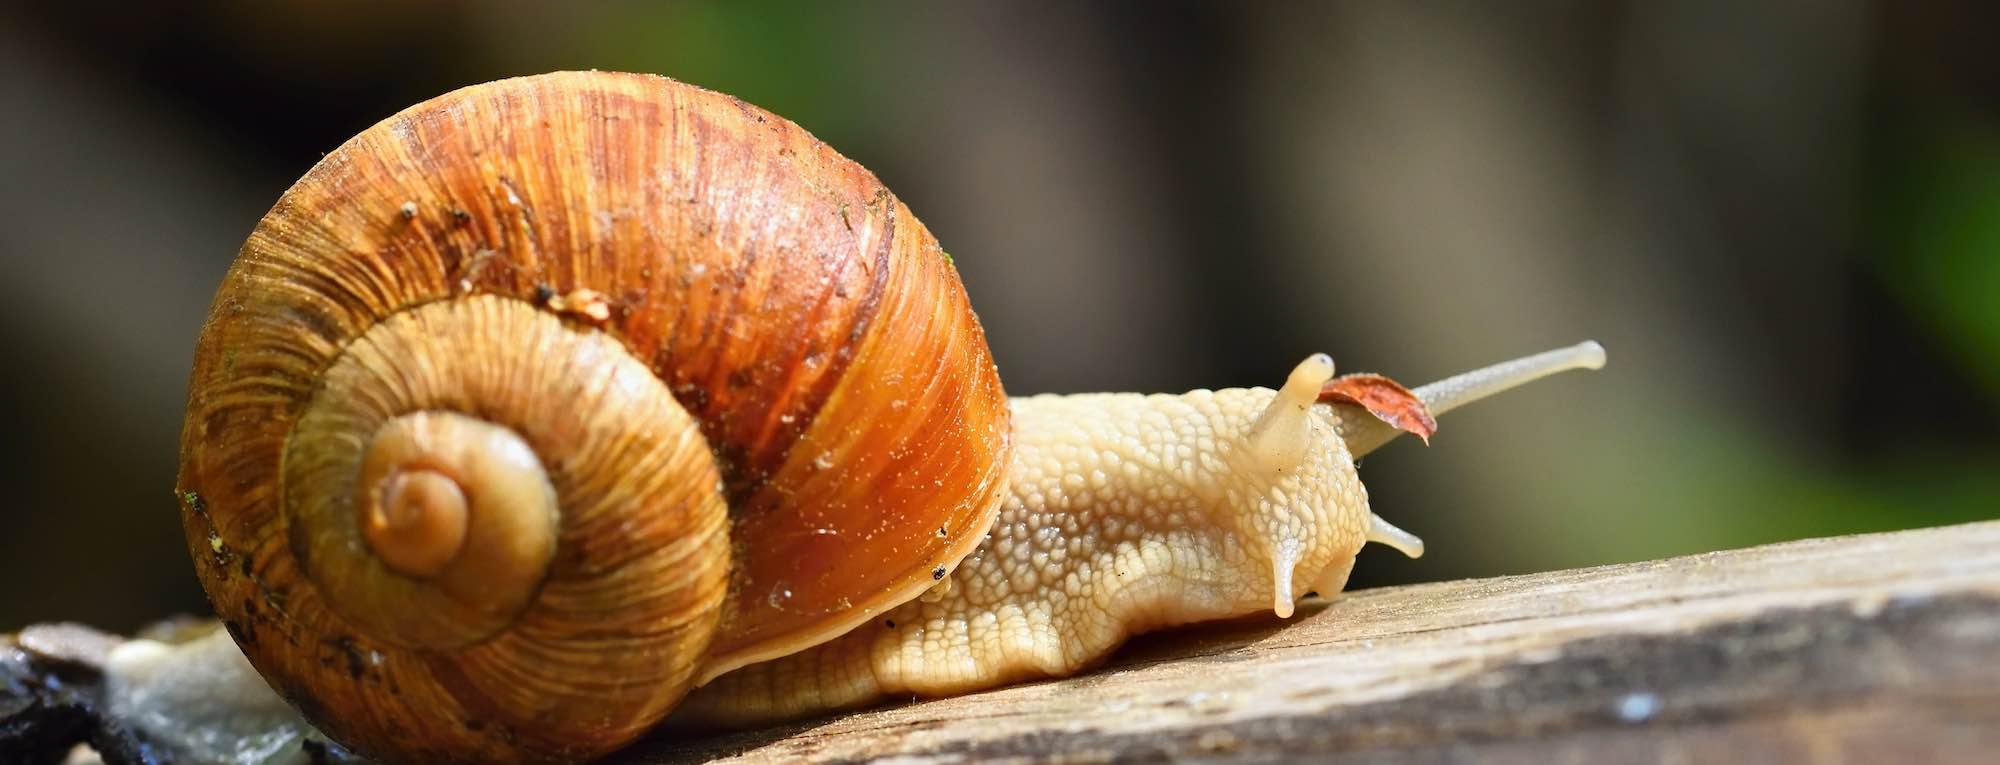 Gestión de requisitos de producto: ¿lenta o rápida?